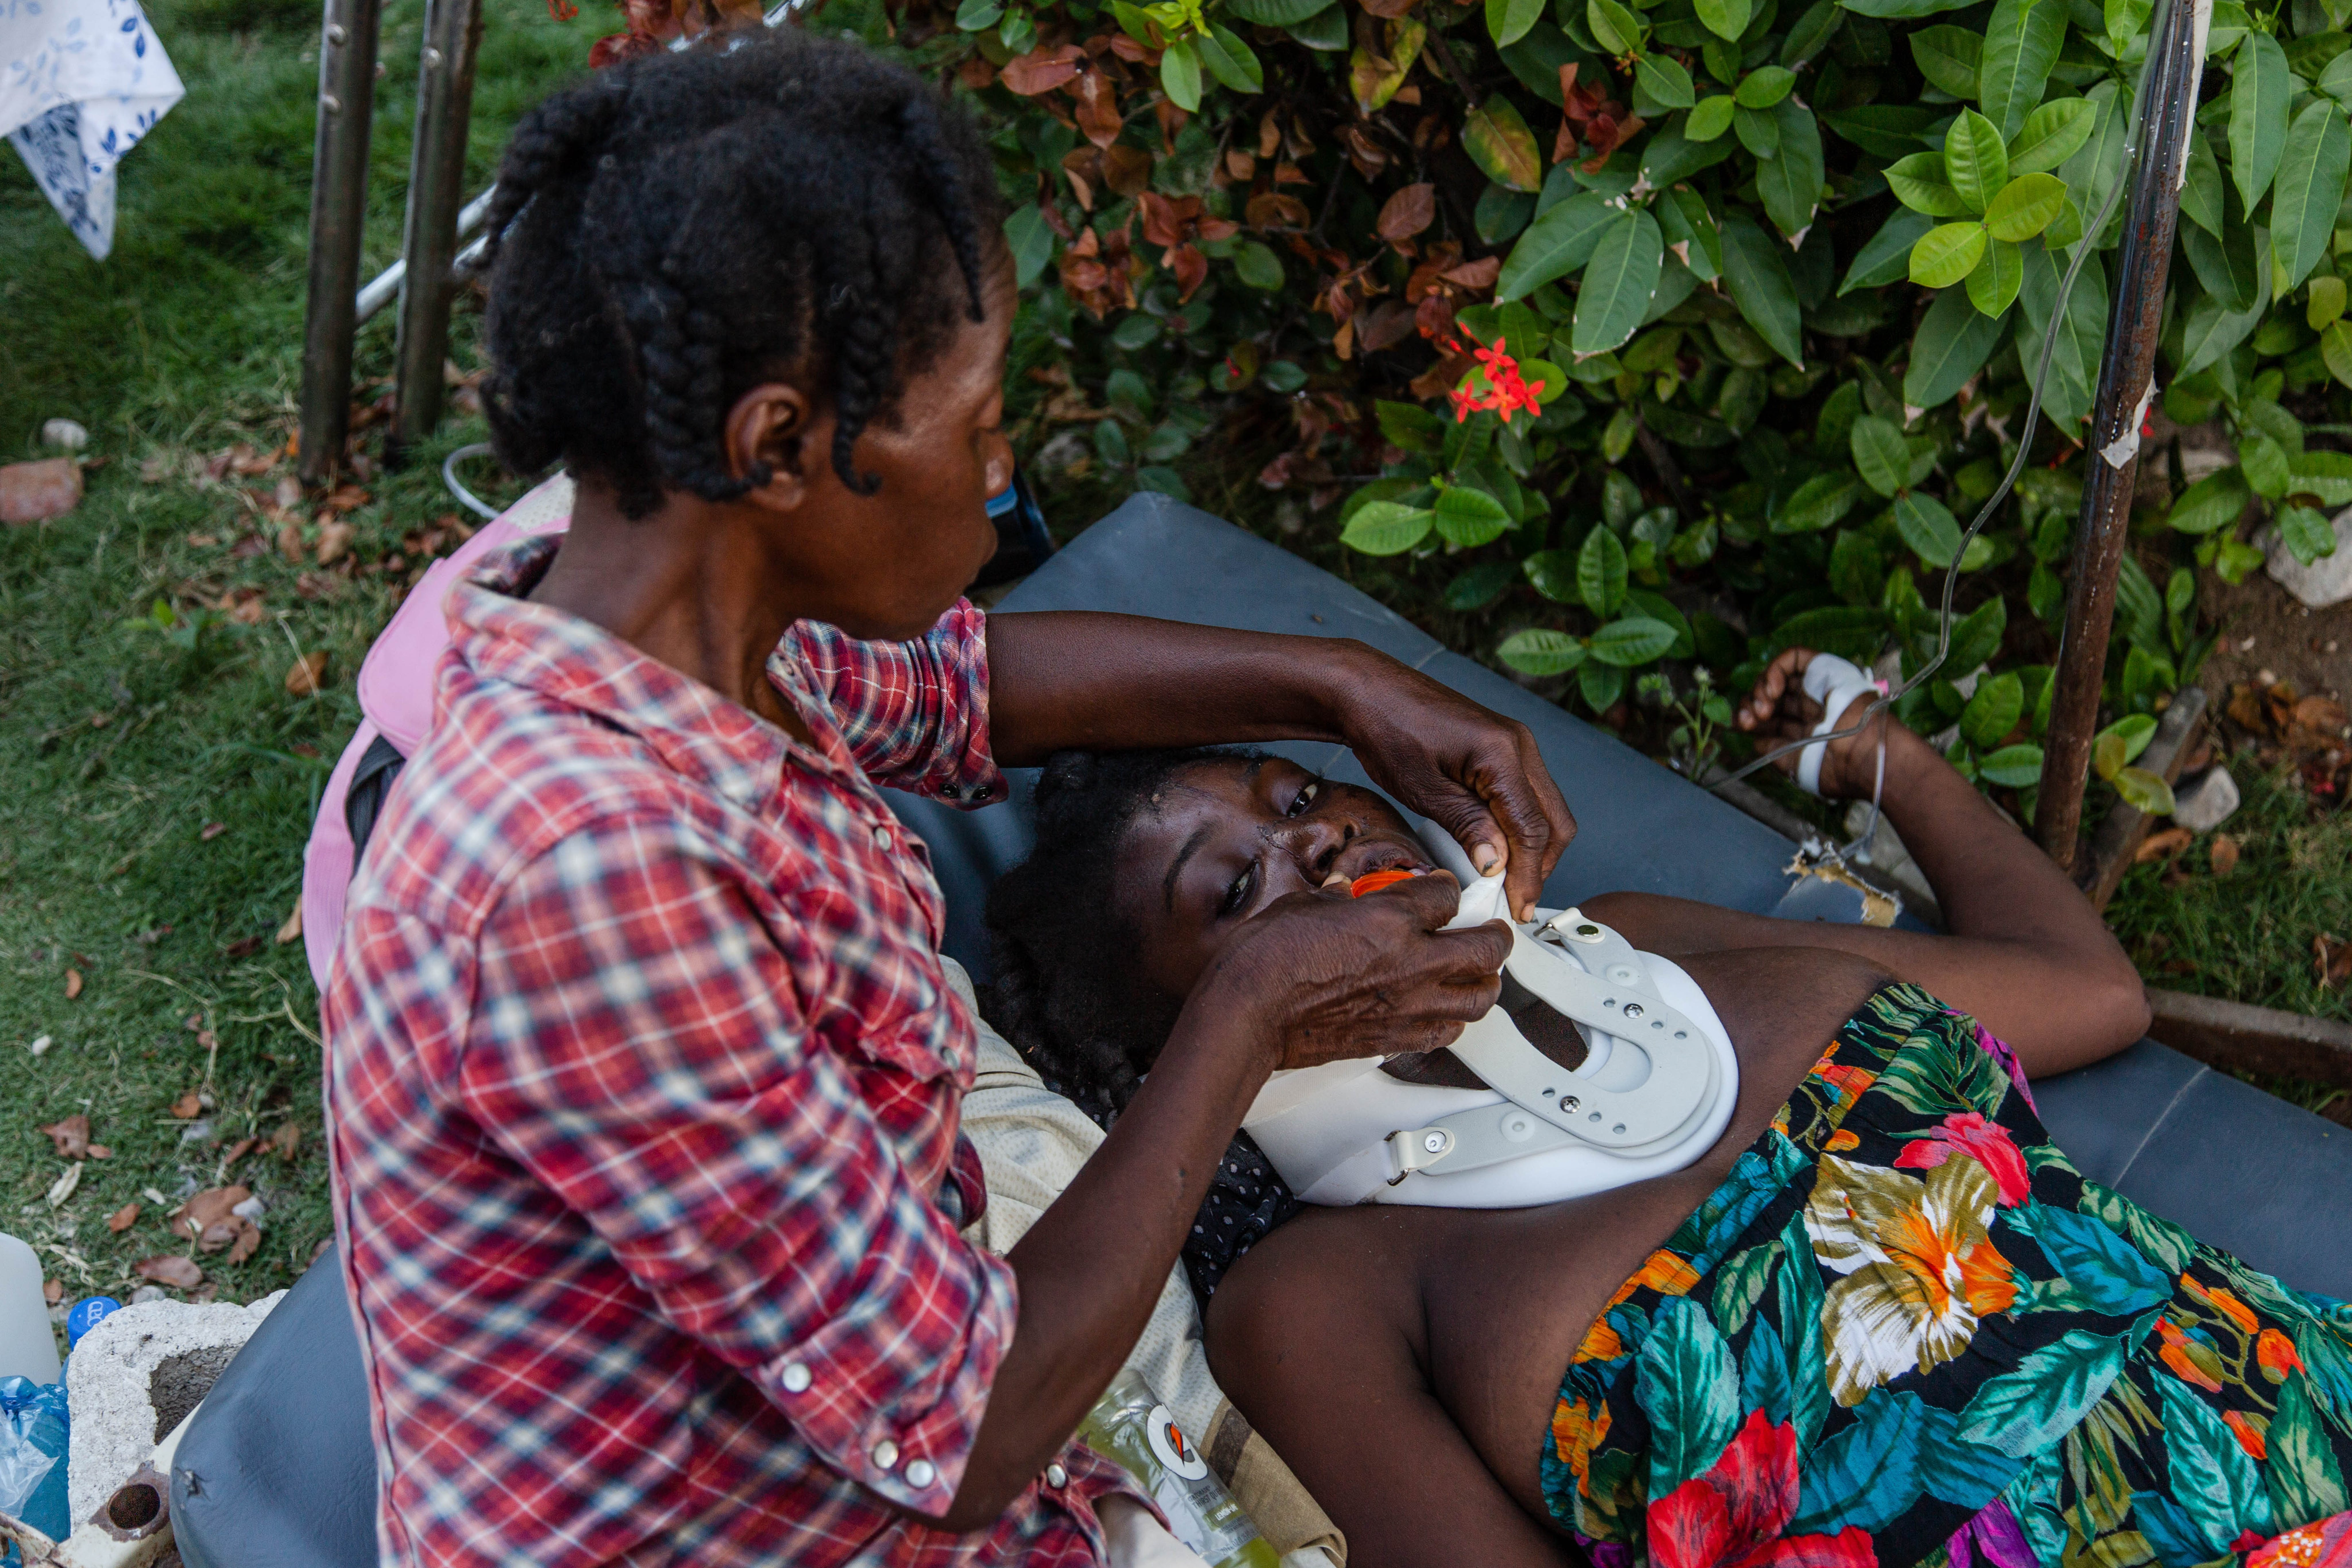 Gerline, una donna rimasta paralizzata al seguito del crollo della sua casa durante il terremoto di Haiti, viene aiutata da un'amica a reidratarsi